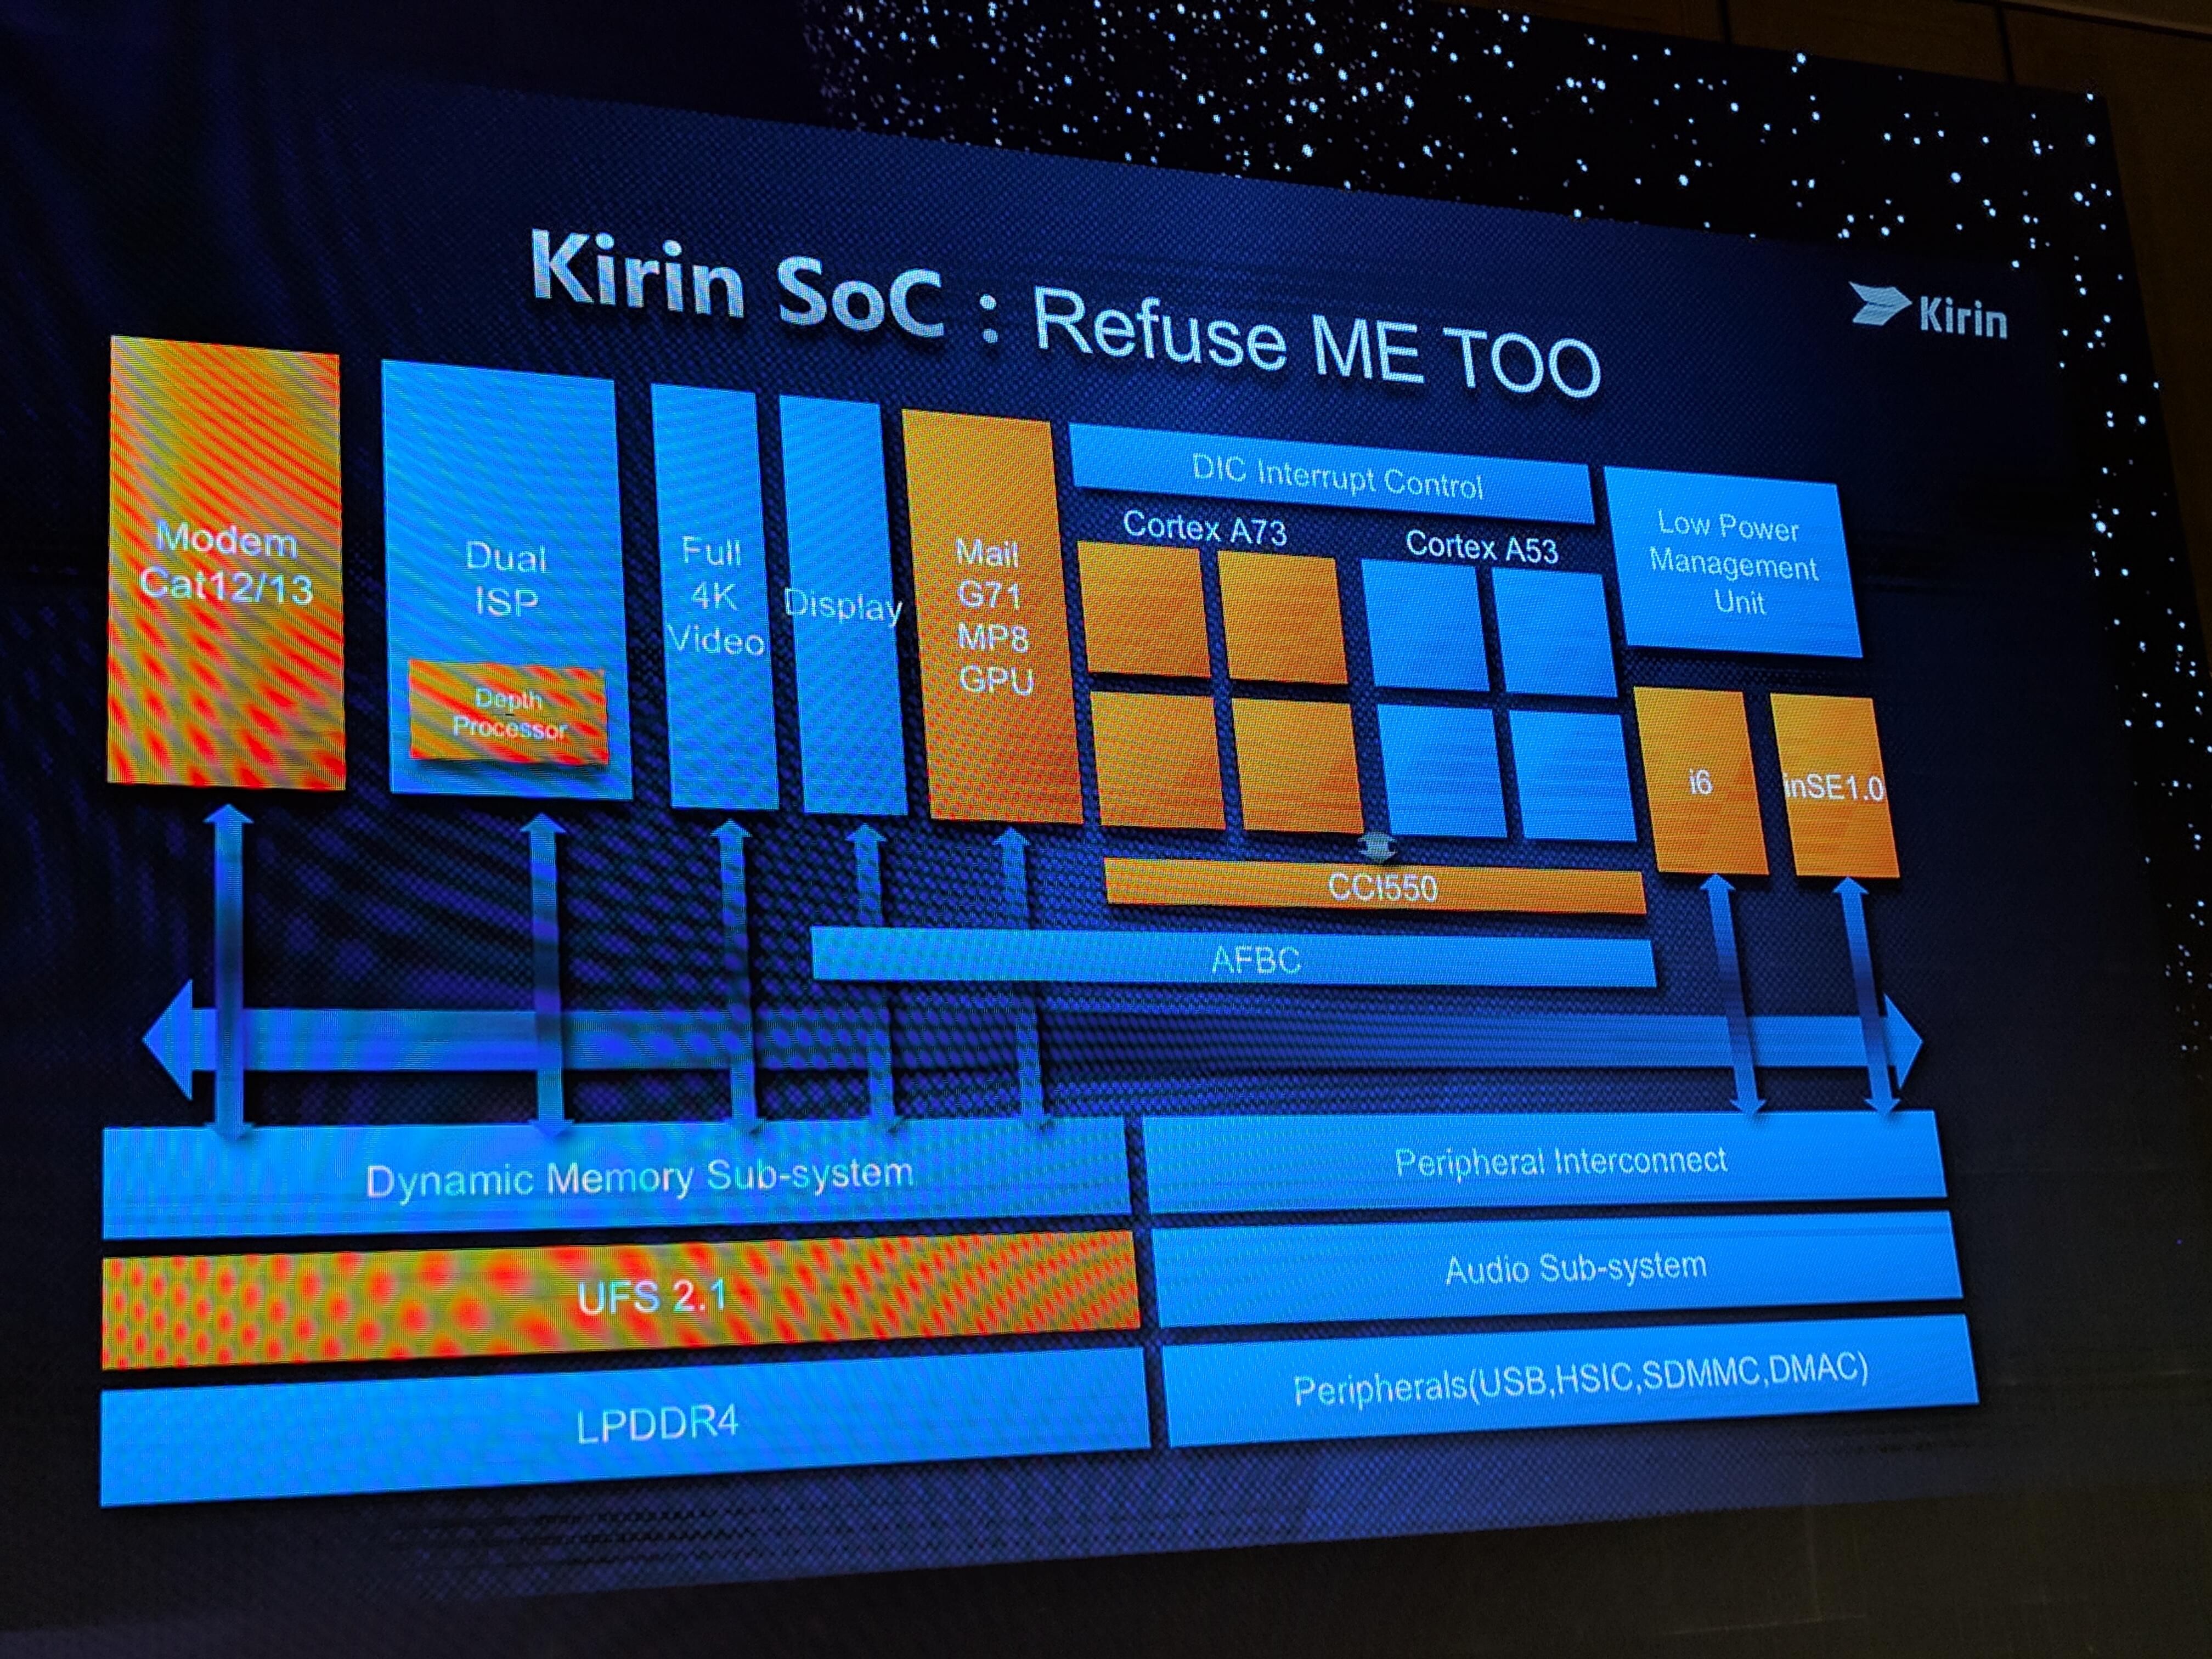 Huawei Announces The Hisilicon Kirin 960 4xa73 4xa53 G71mp8 Cdma Exynos 5 Octa Block Diagram